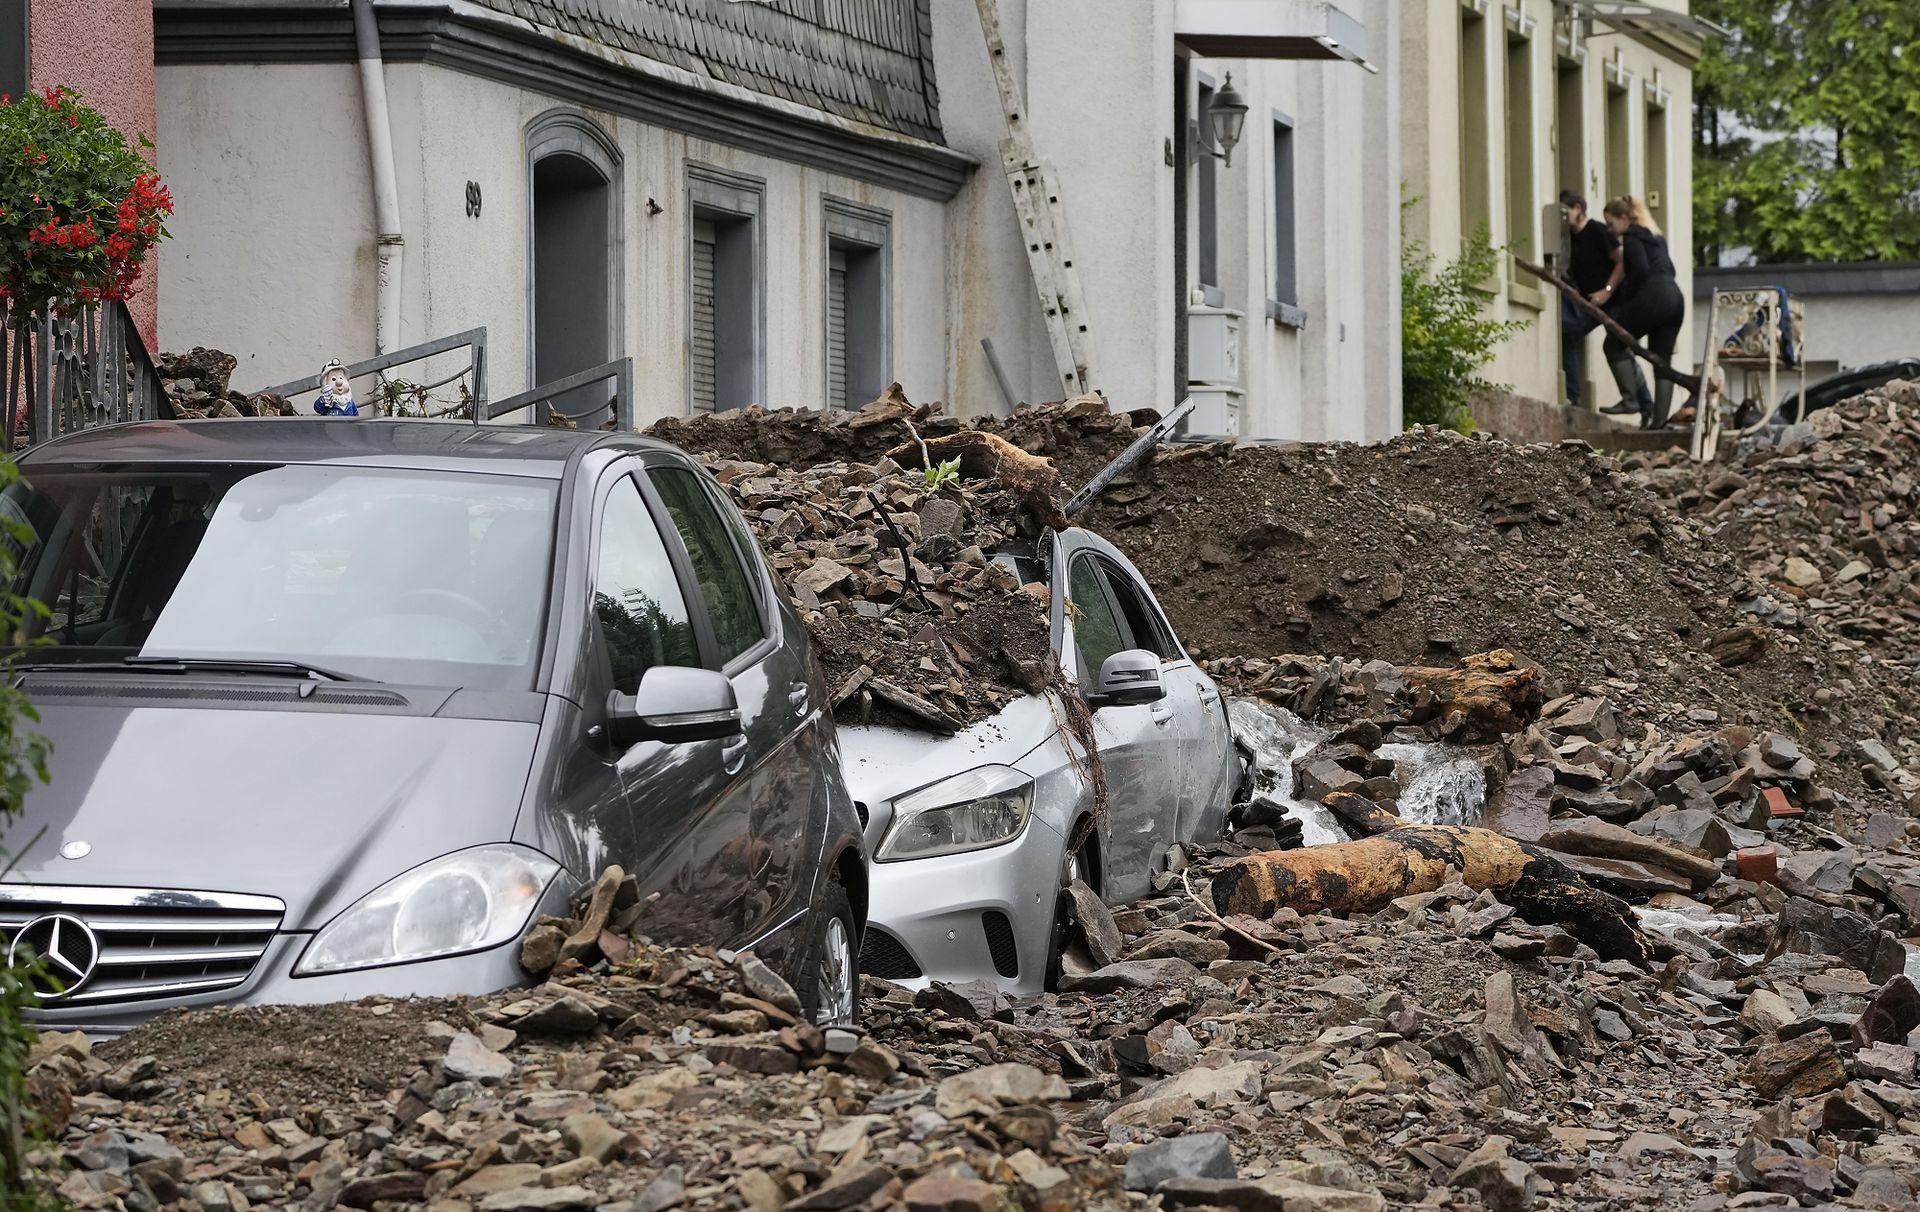 Los autos estacionas en la calle quedaron cubiertos de escombros